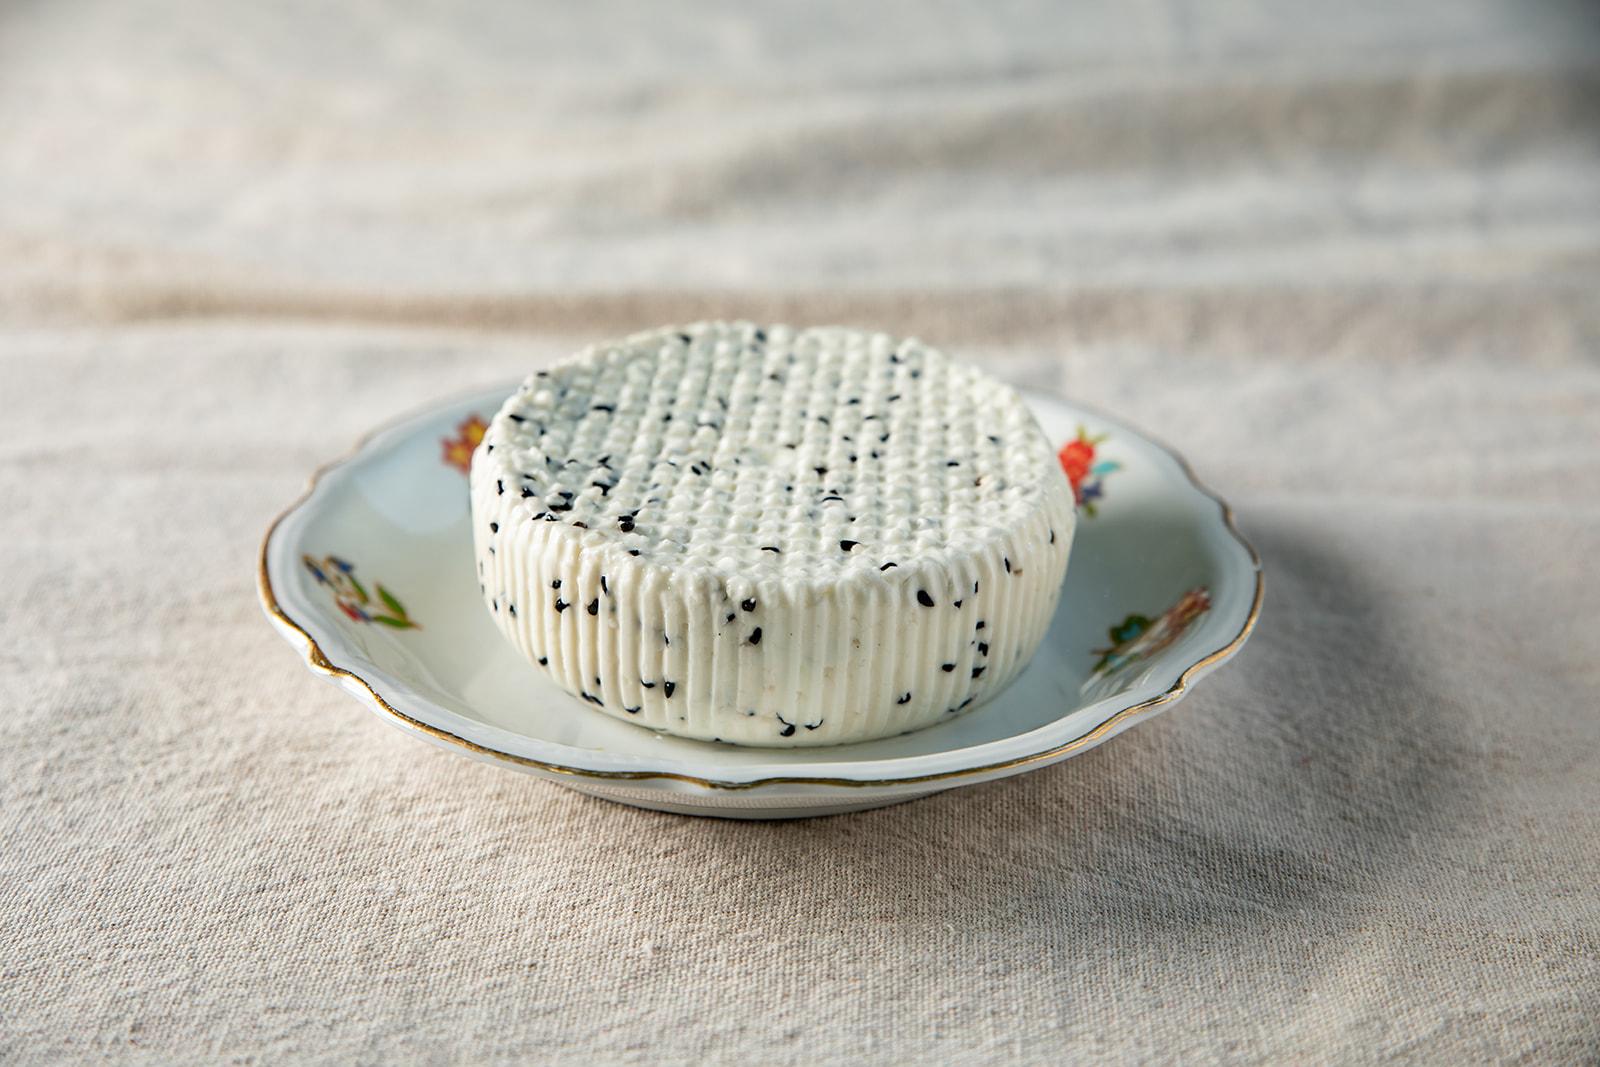 גבינה צפתית עם קצח 8%